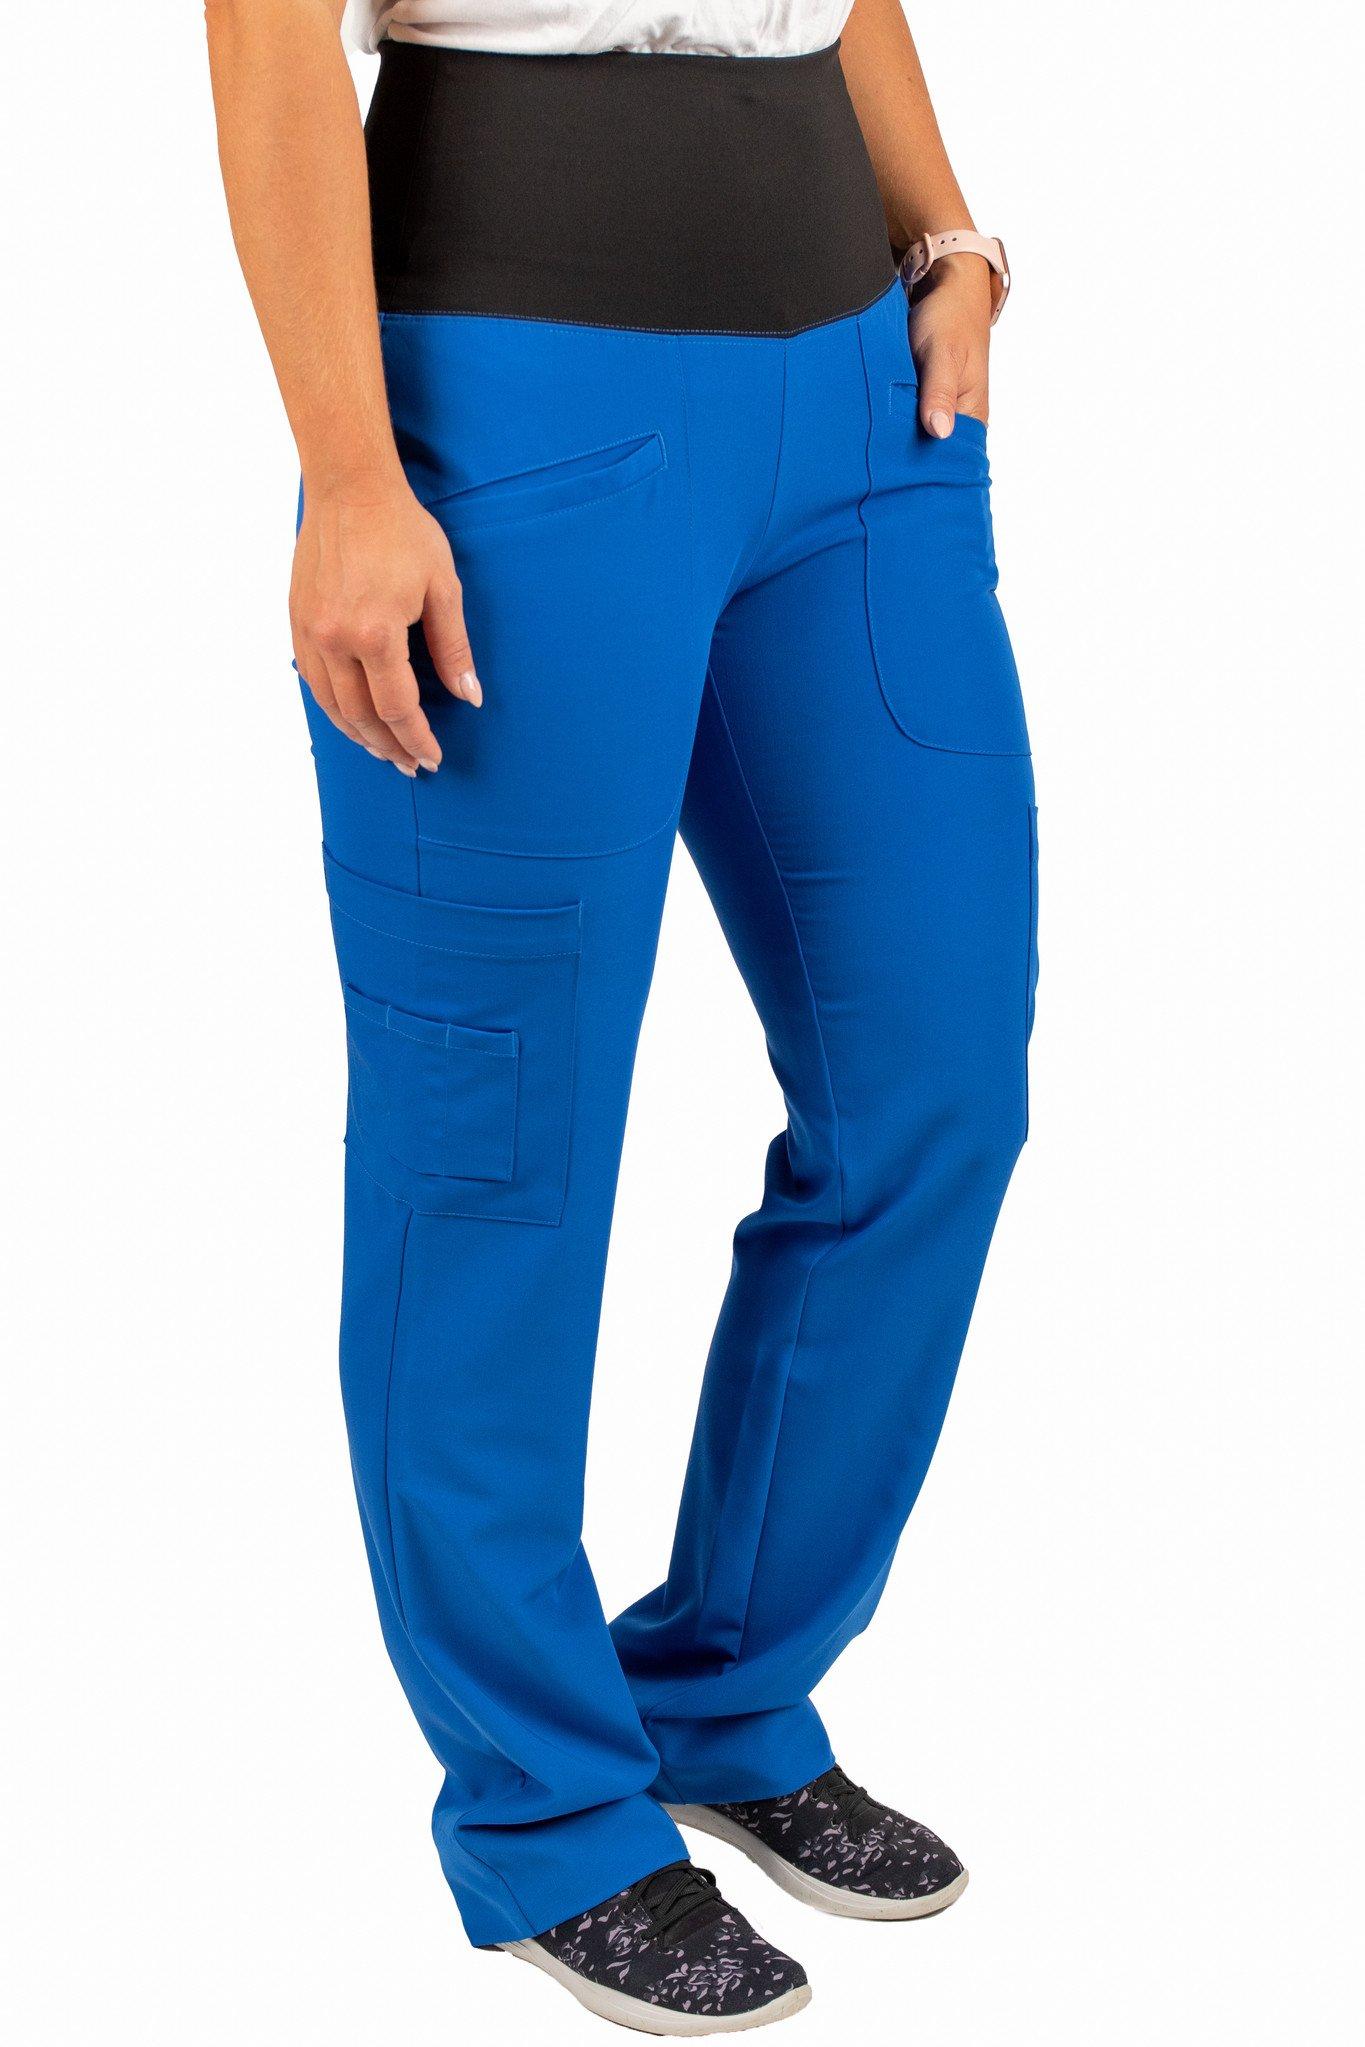 Royal Blue Women's Yoga Waistband Pants 985